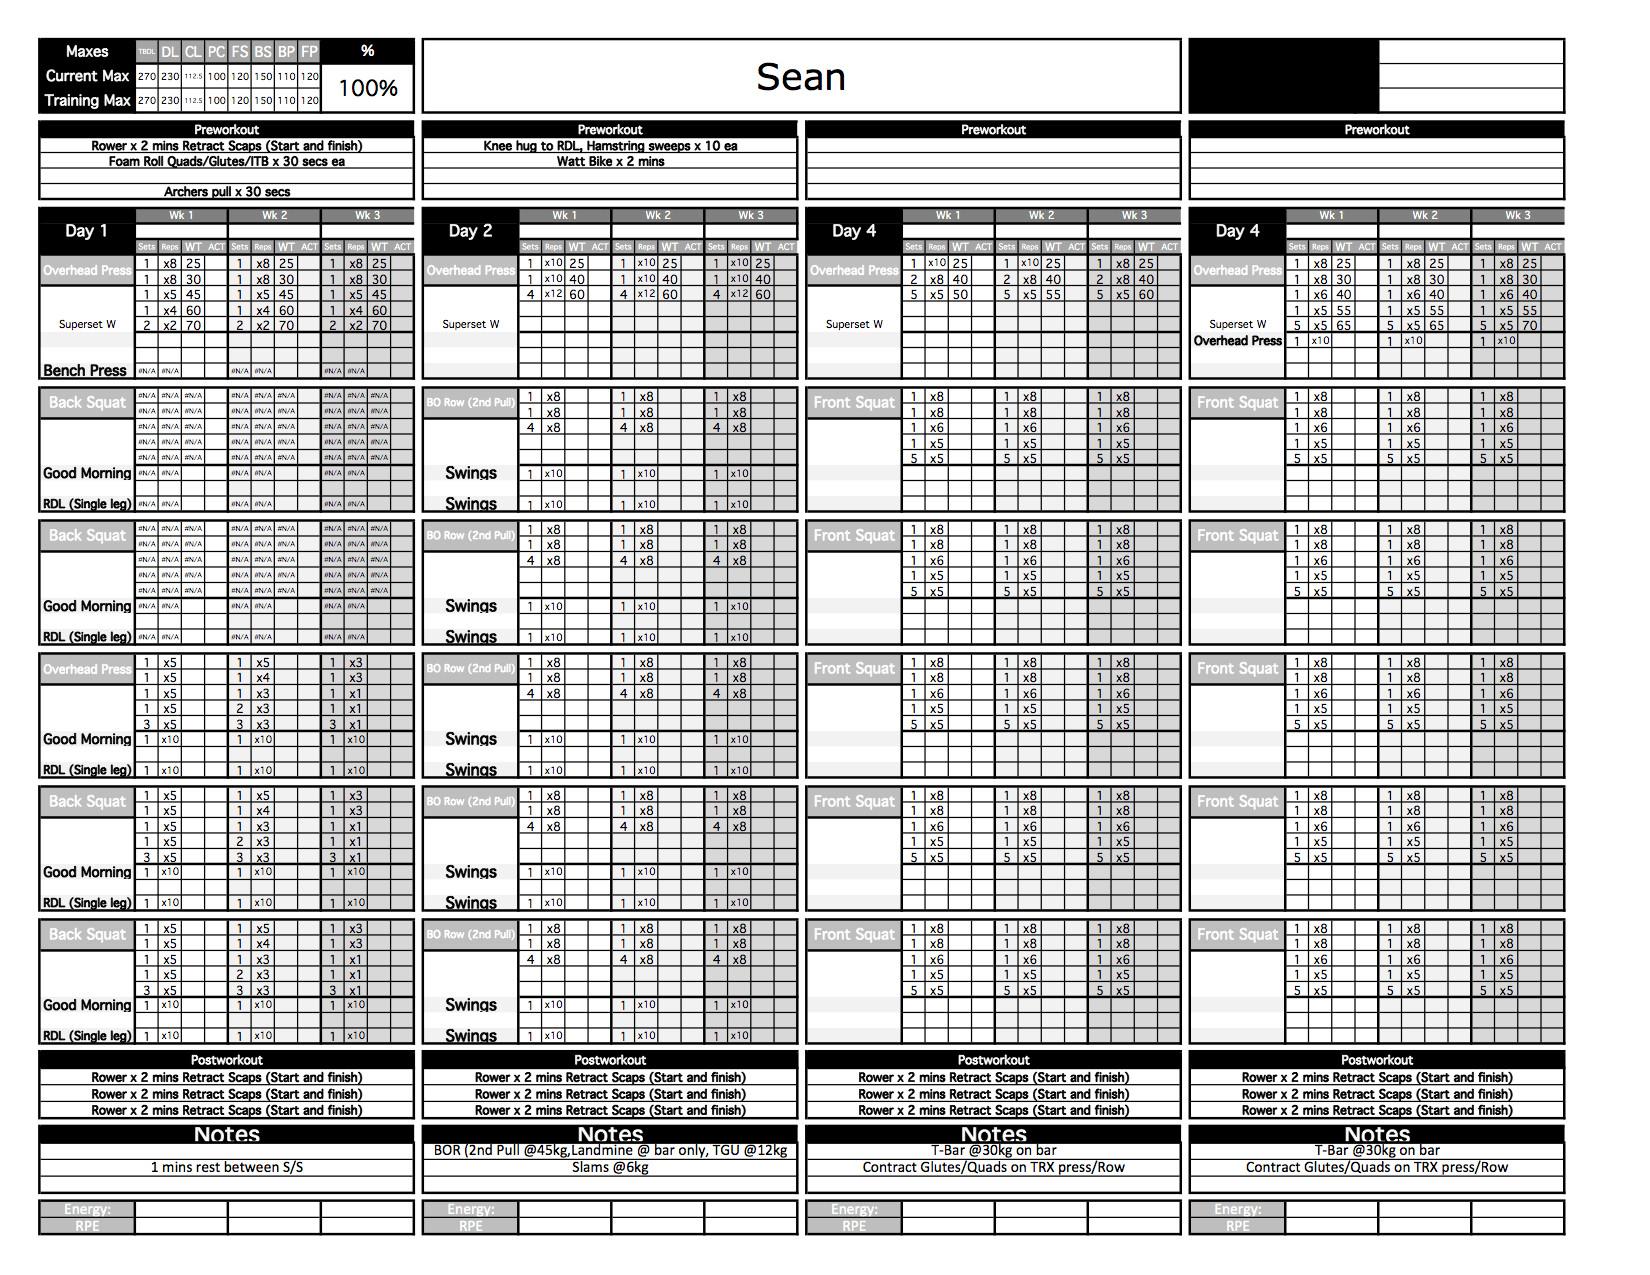 5X5 Workout Routine Spreadsheet Throughout Madcow Spreadsheet Excel Fresh Wonderful Workout Routine  Askoverflow